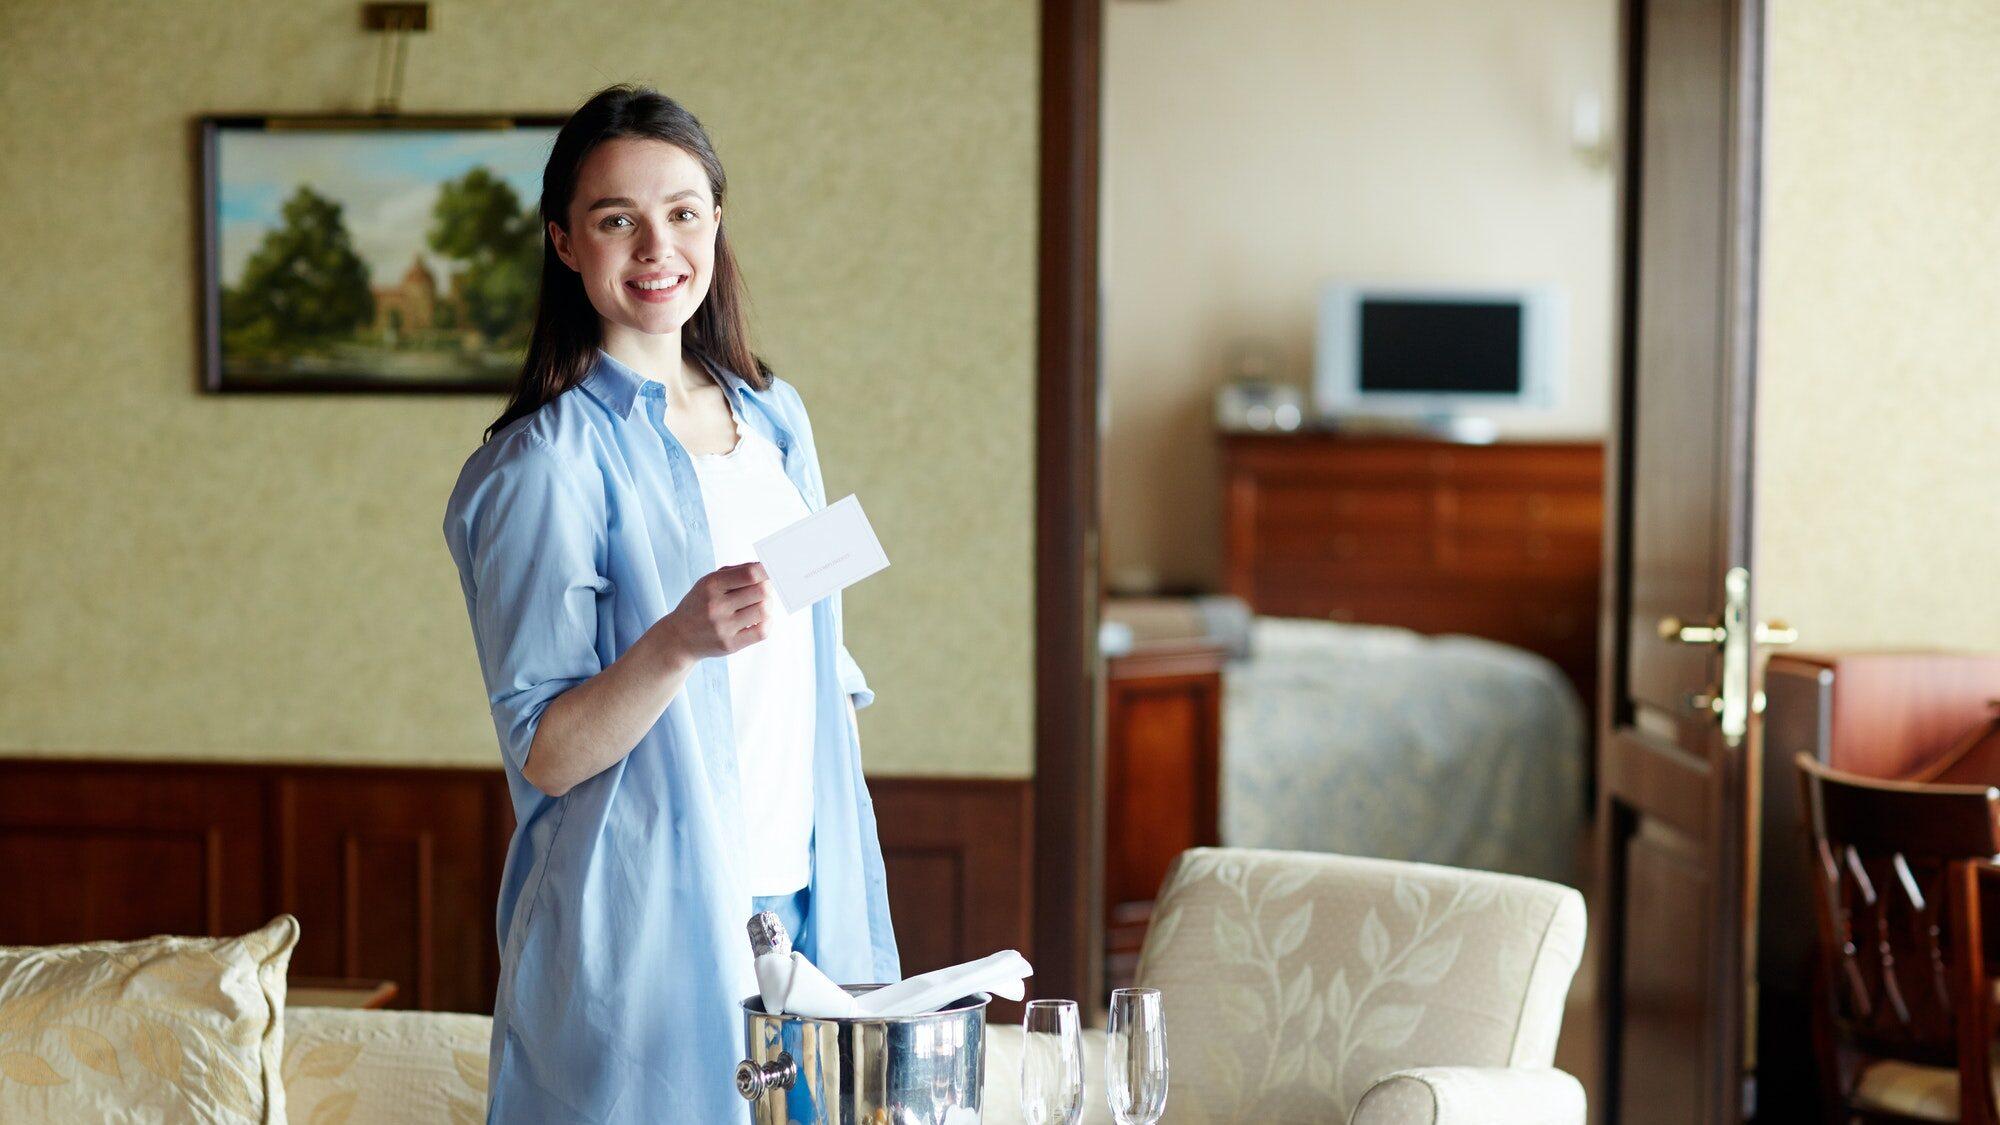 Traveler in hotel